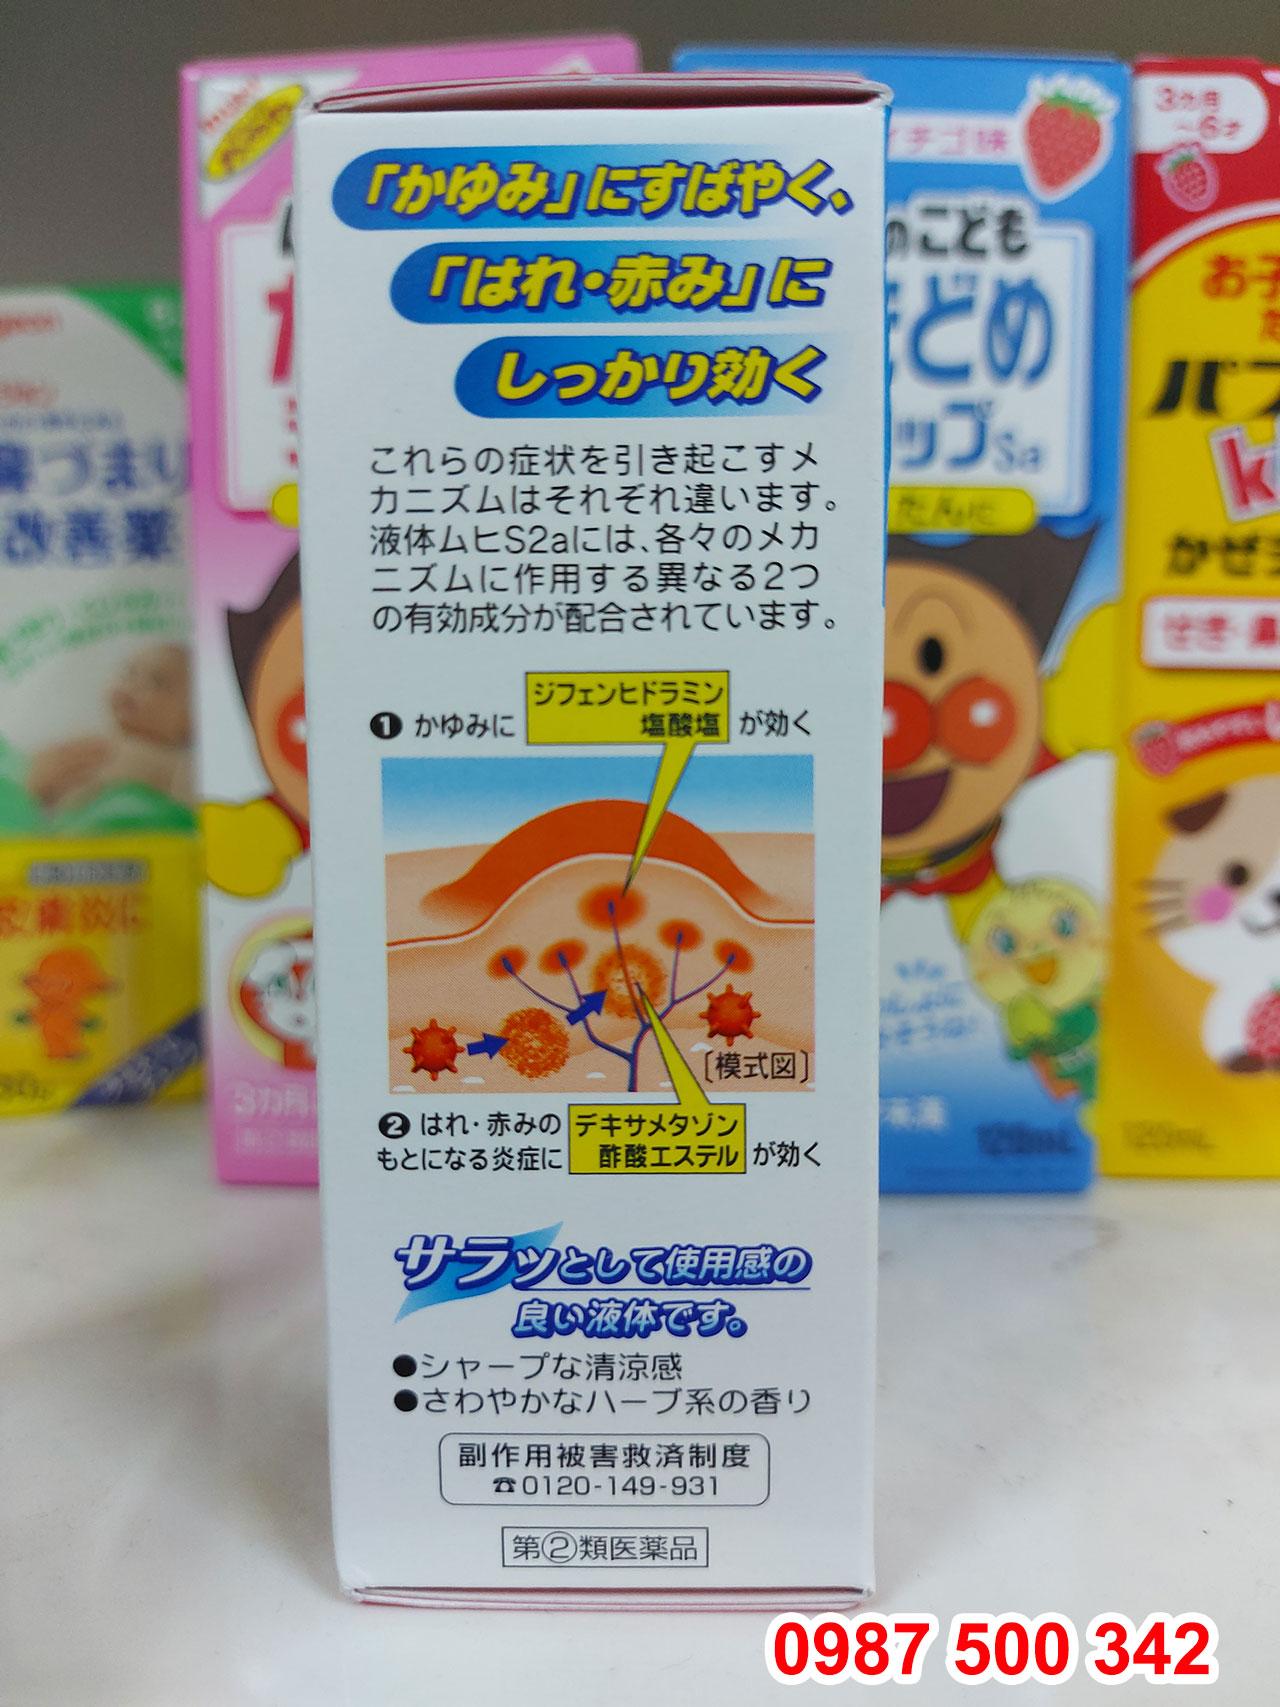 Thông tin sản phẩm Lăn muỗi Muhi 50ml Nhật Bản cho bé từ 6 tháng tuổi